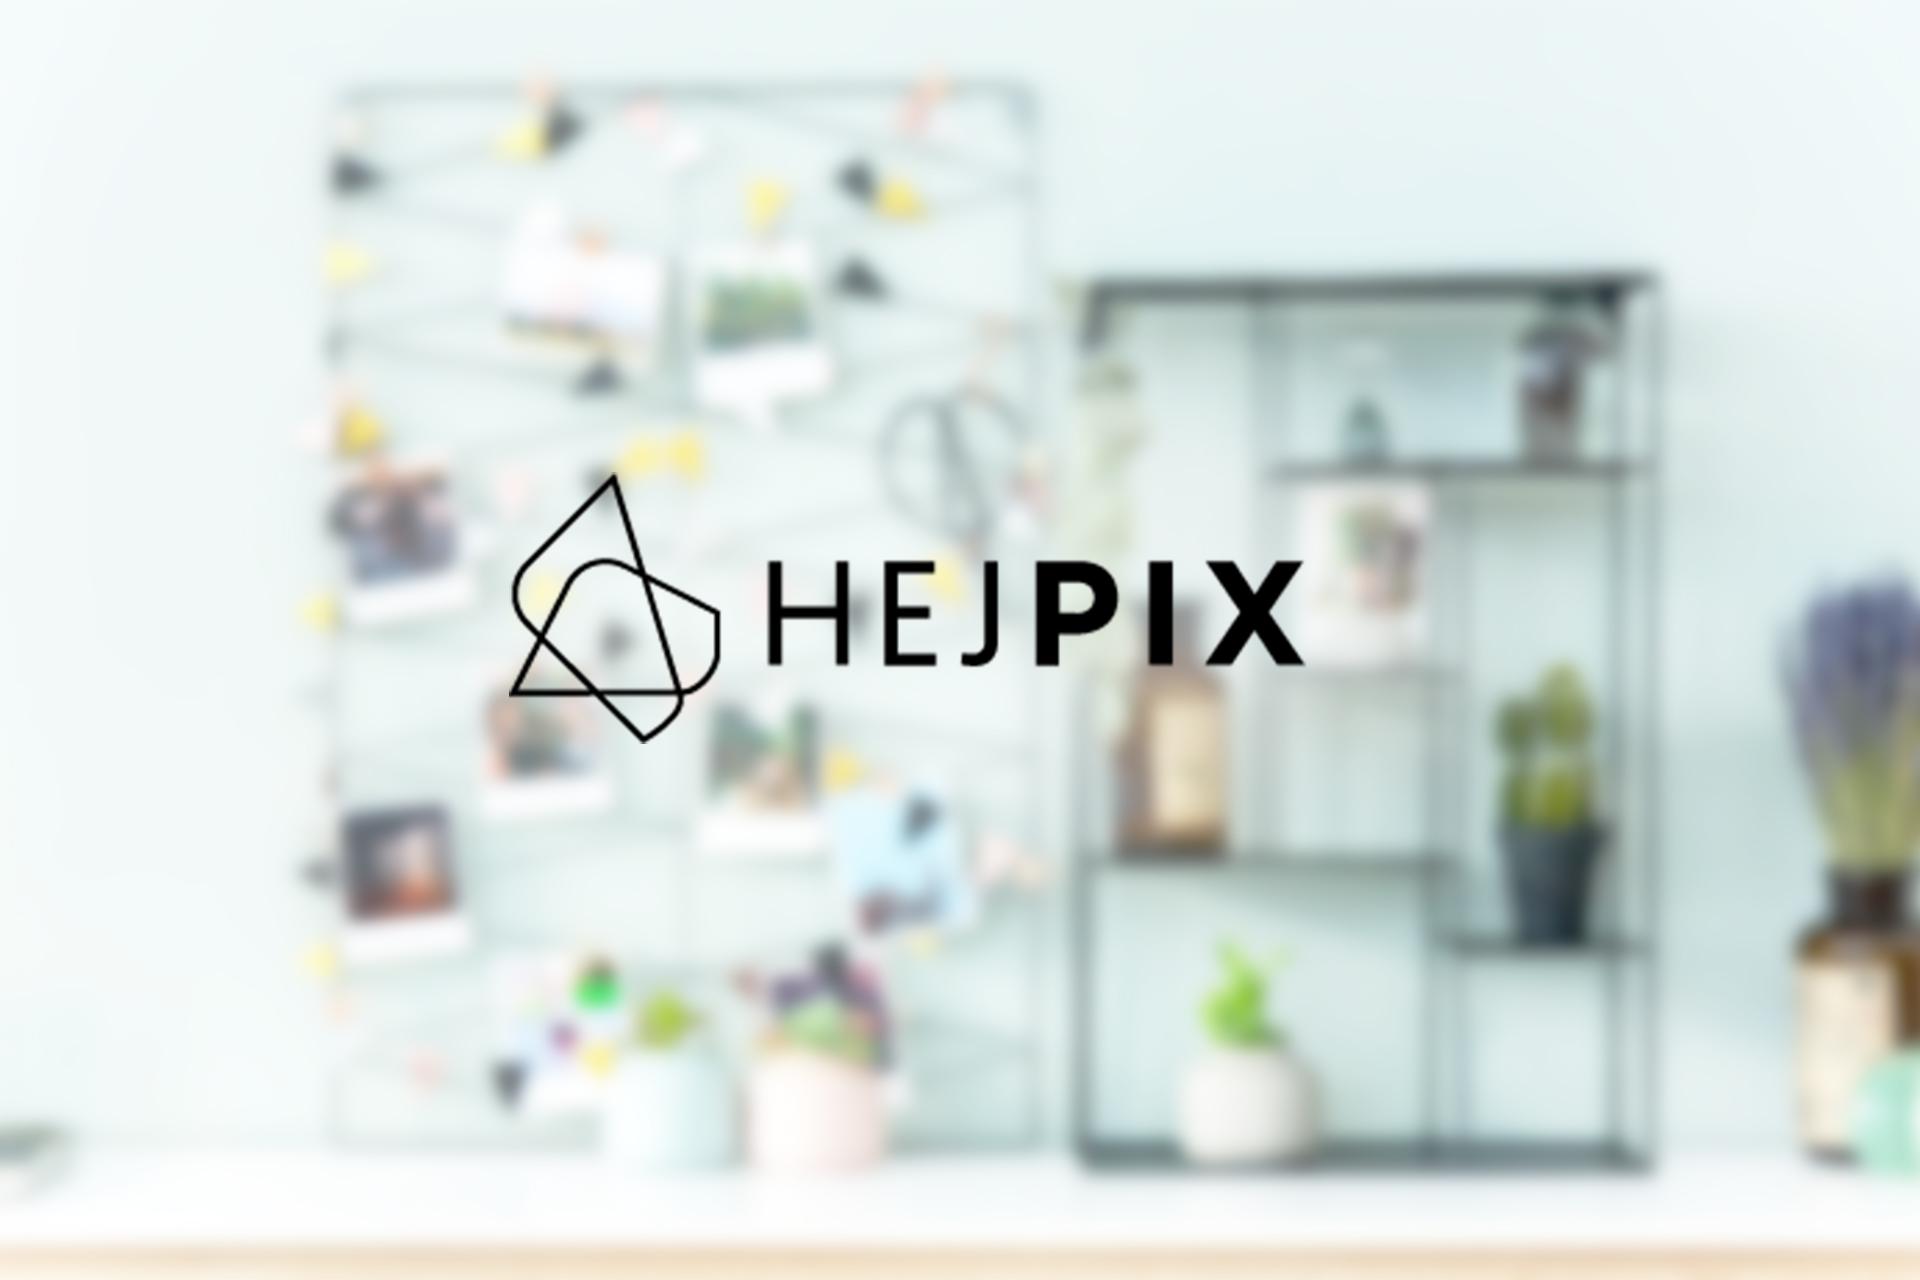 Hejpix